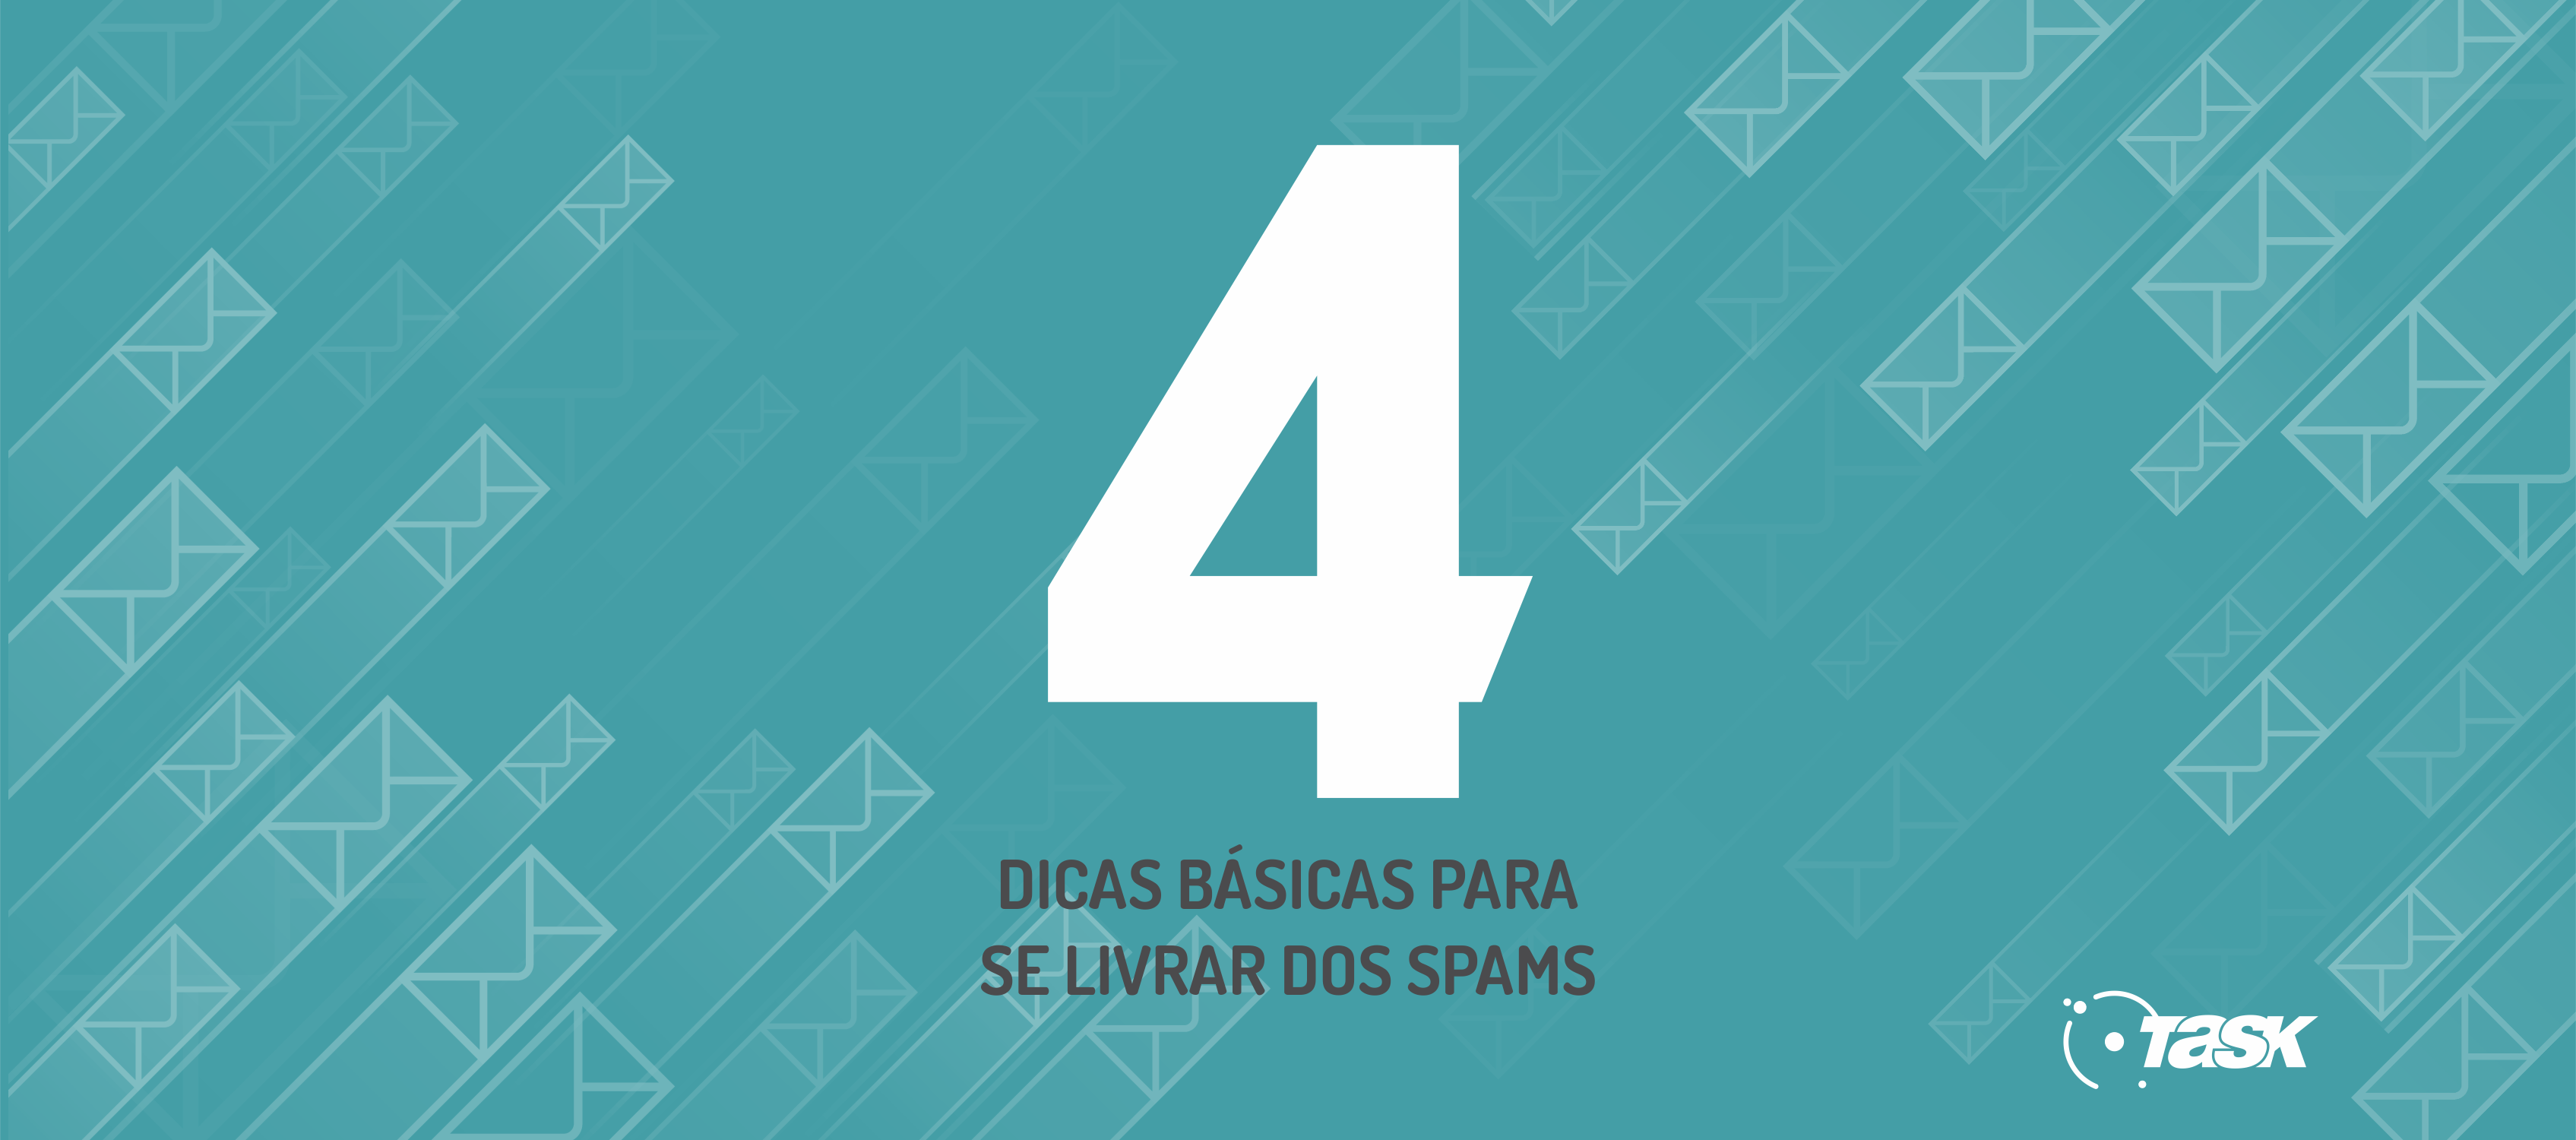 4 DICAS SPAMS